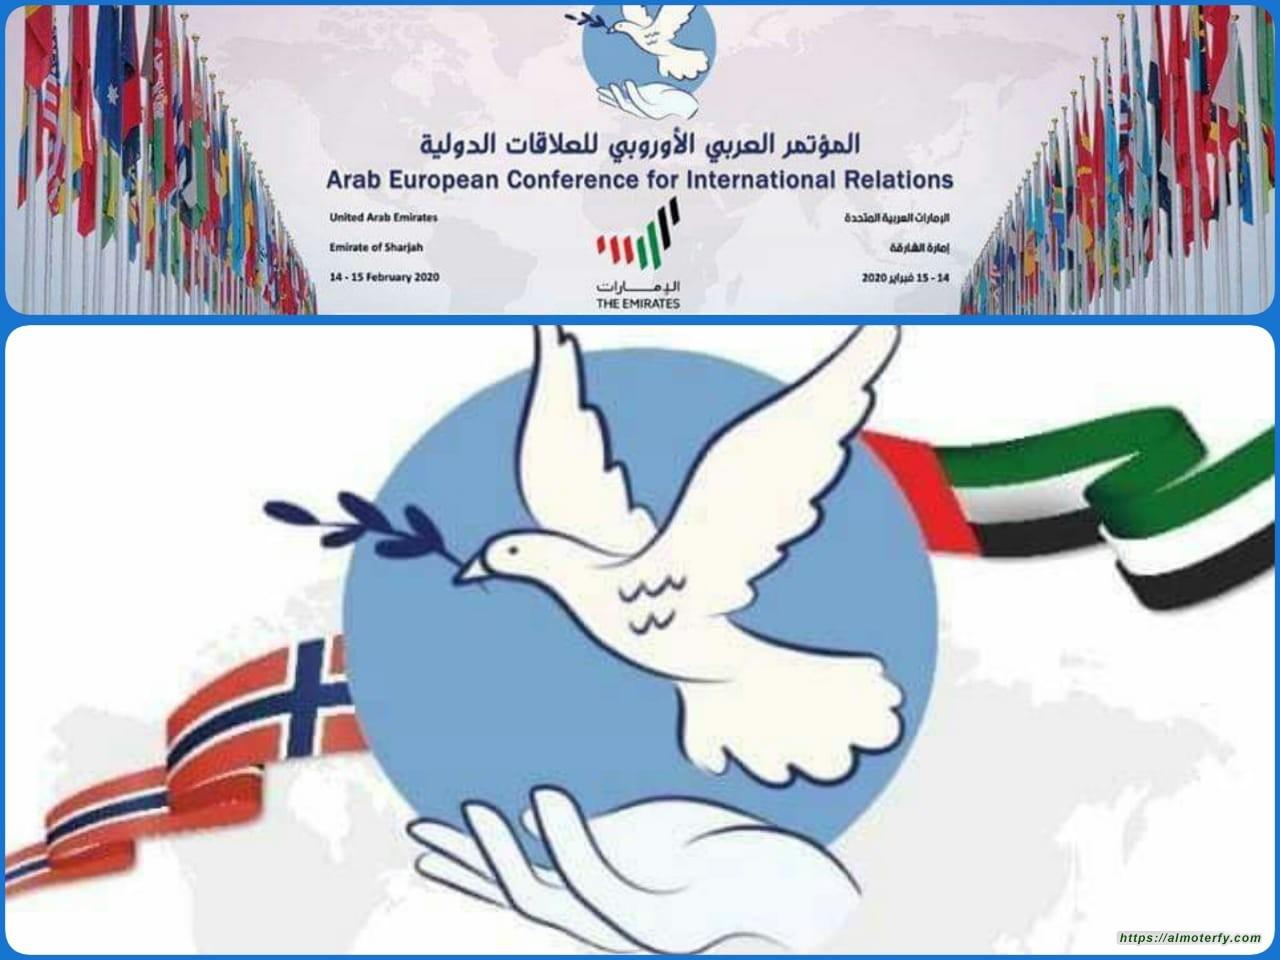 العراق يشارك في فعاليات المؤتمر العربي الأوروبي للعلاقات الدولية بالشارقة